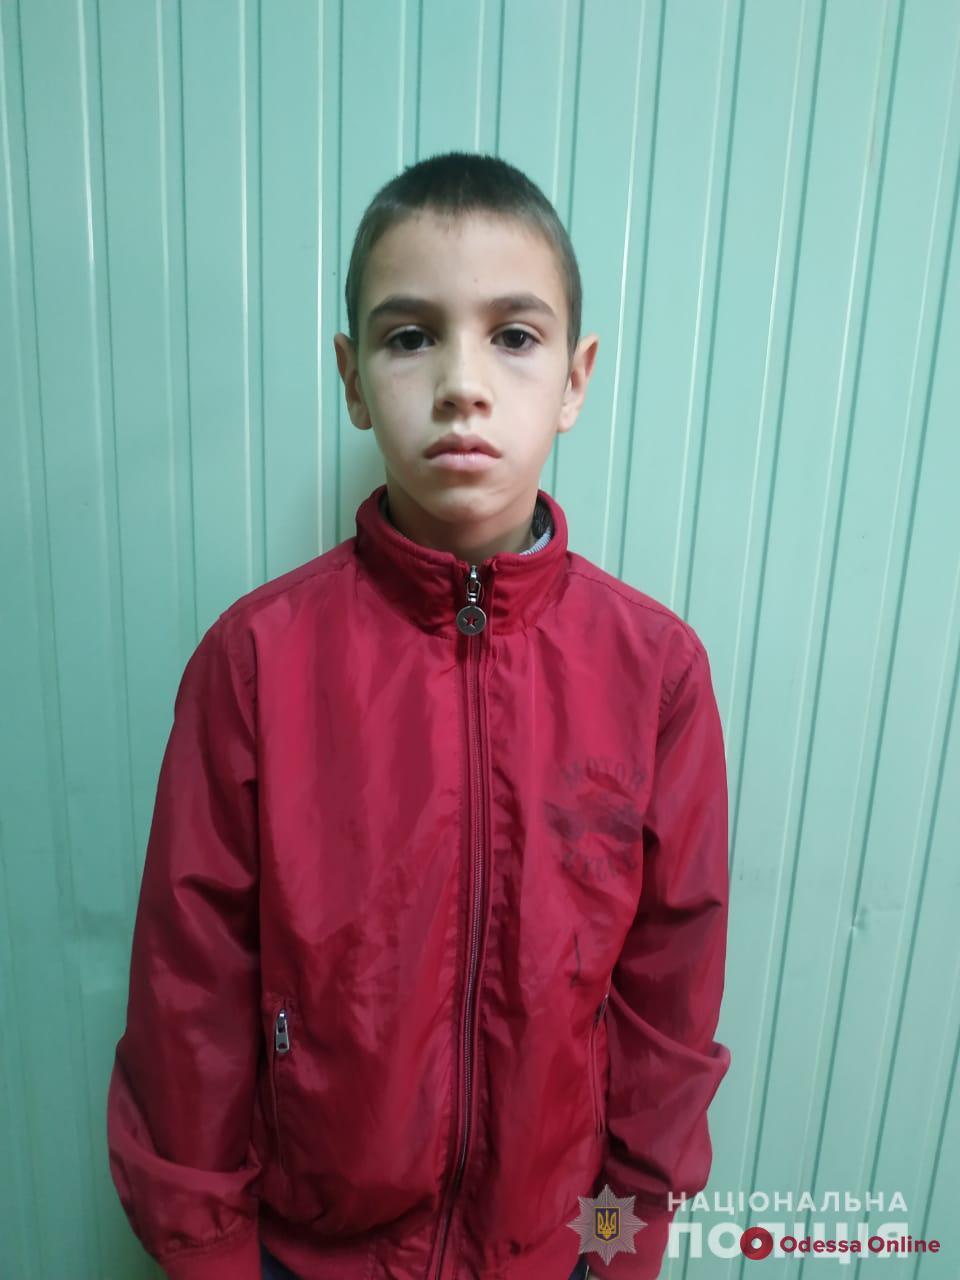 В Одессе ищут 10-летнего мальчика (обновлено)